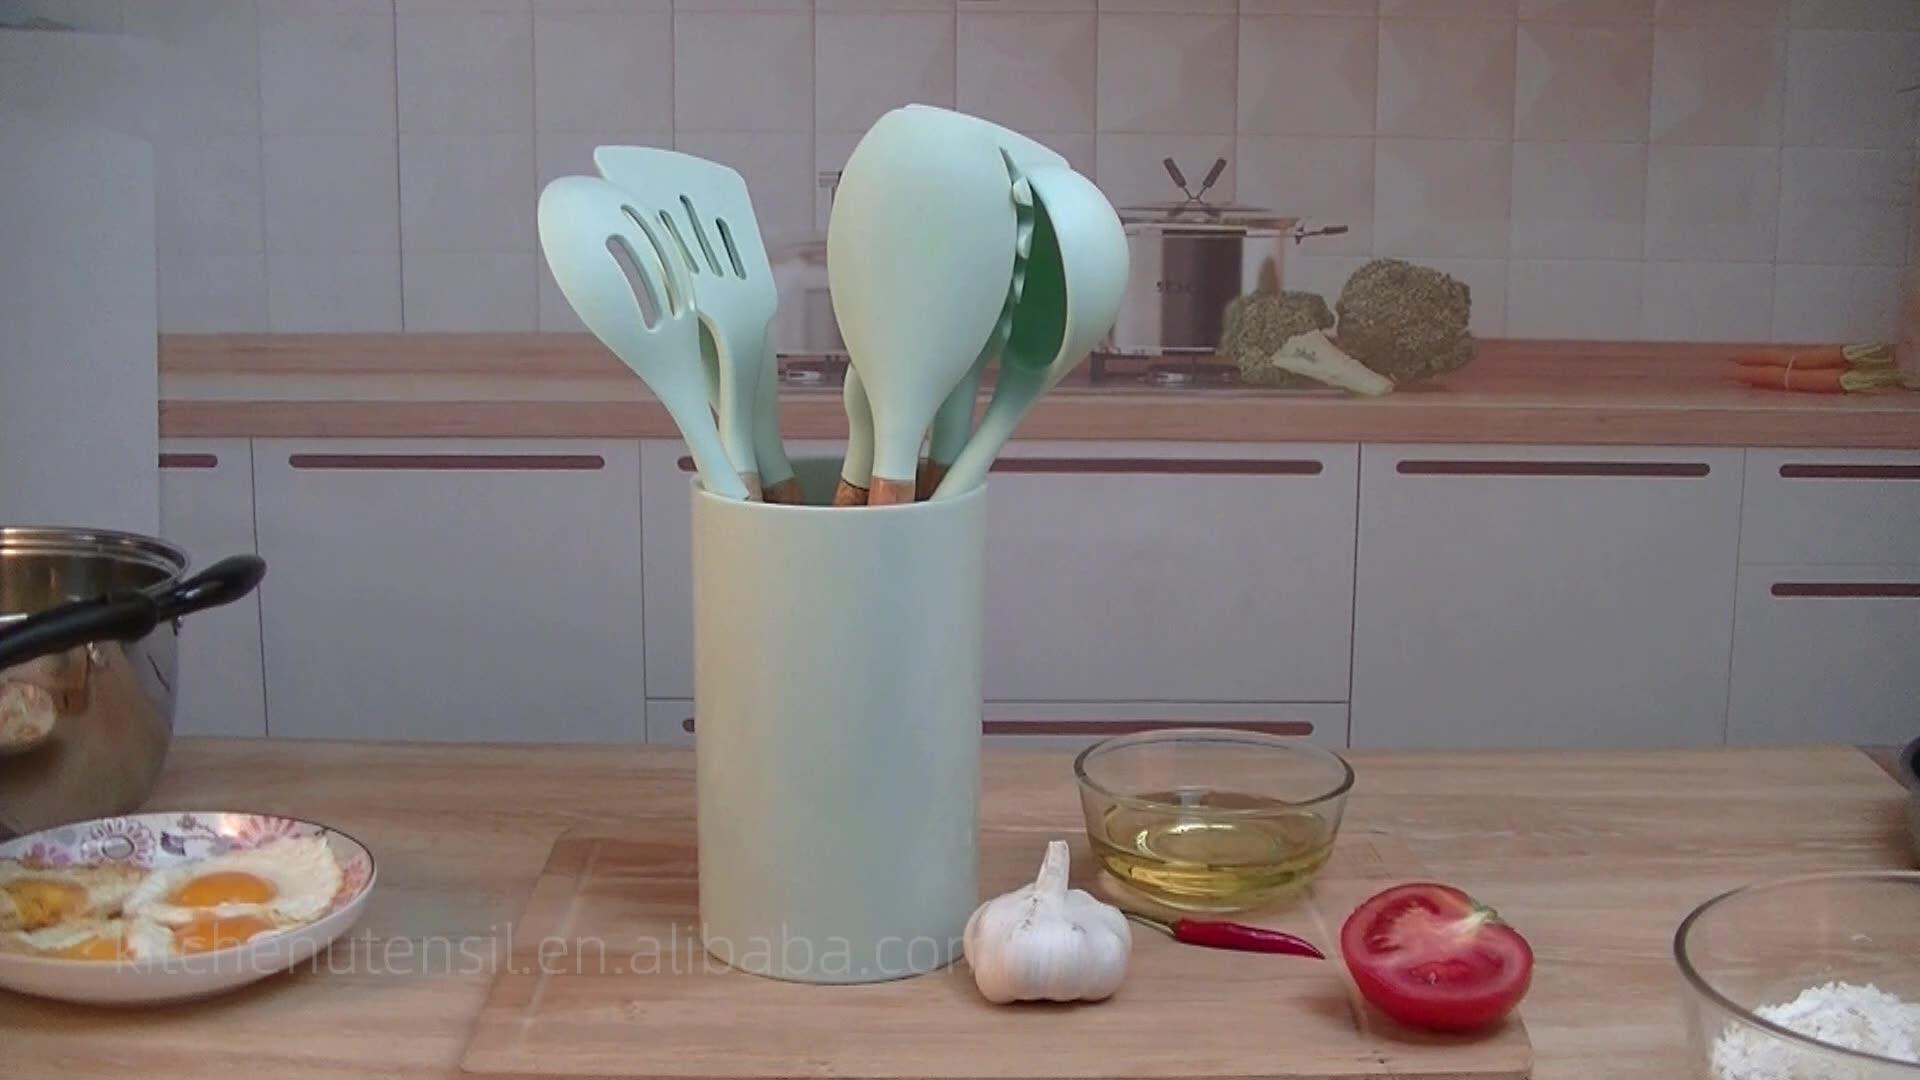 2020 新ウッドハンドルシリコーンキッチンアクセサリー 10 個ときれいに簡単にノンスティックシリコン台所用品ホルダー